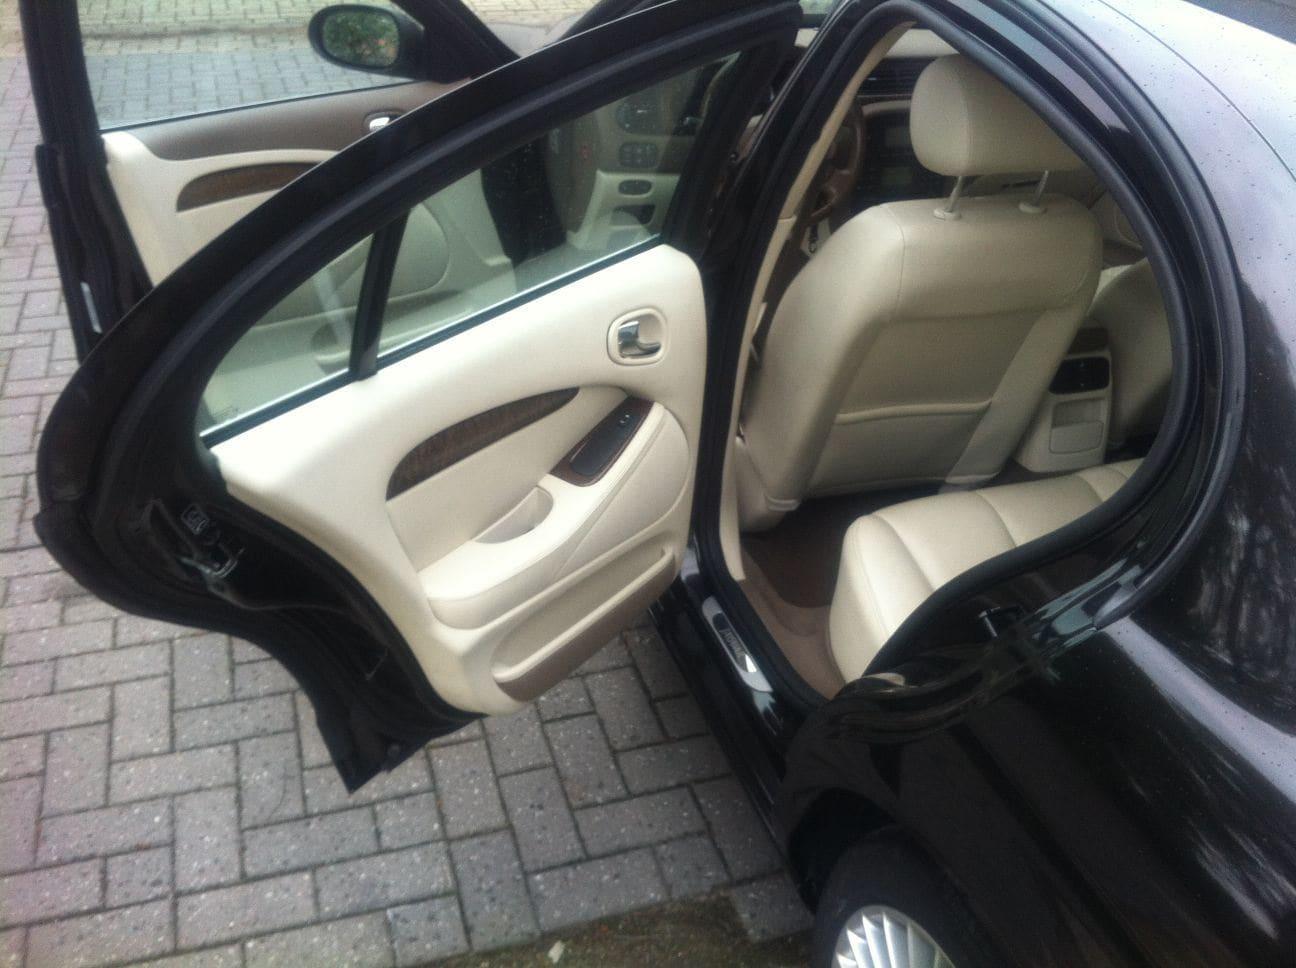 Jaguar S-type met Zwarte Metallic Wrap, Carwrapping door Wrapmyride.nu Foto-nr:5908, ©2021